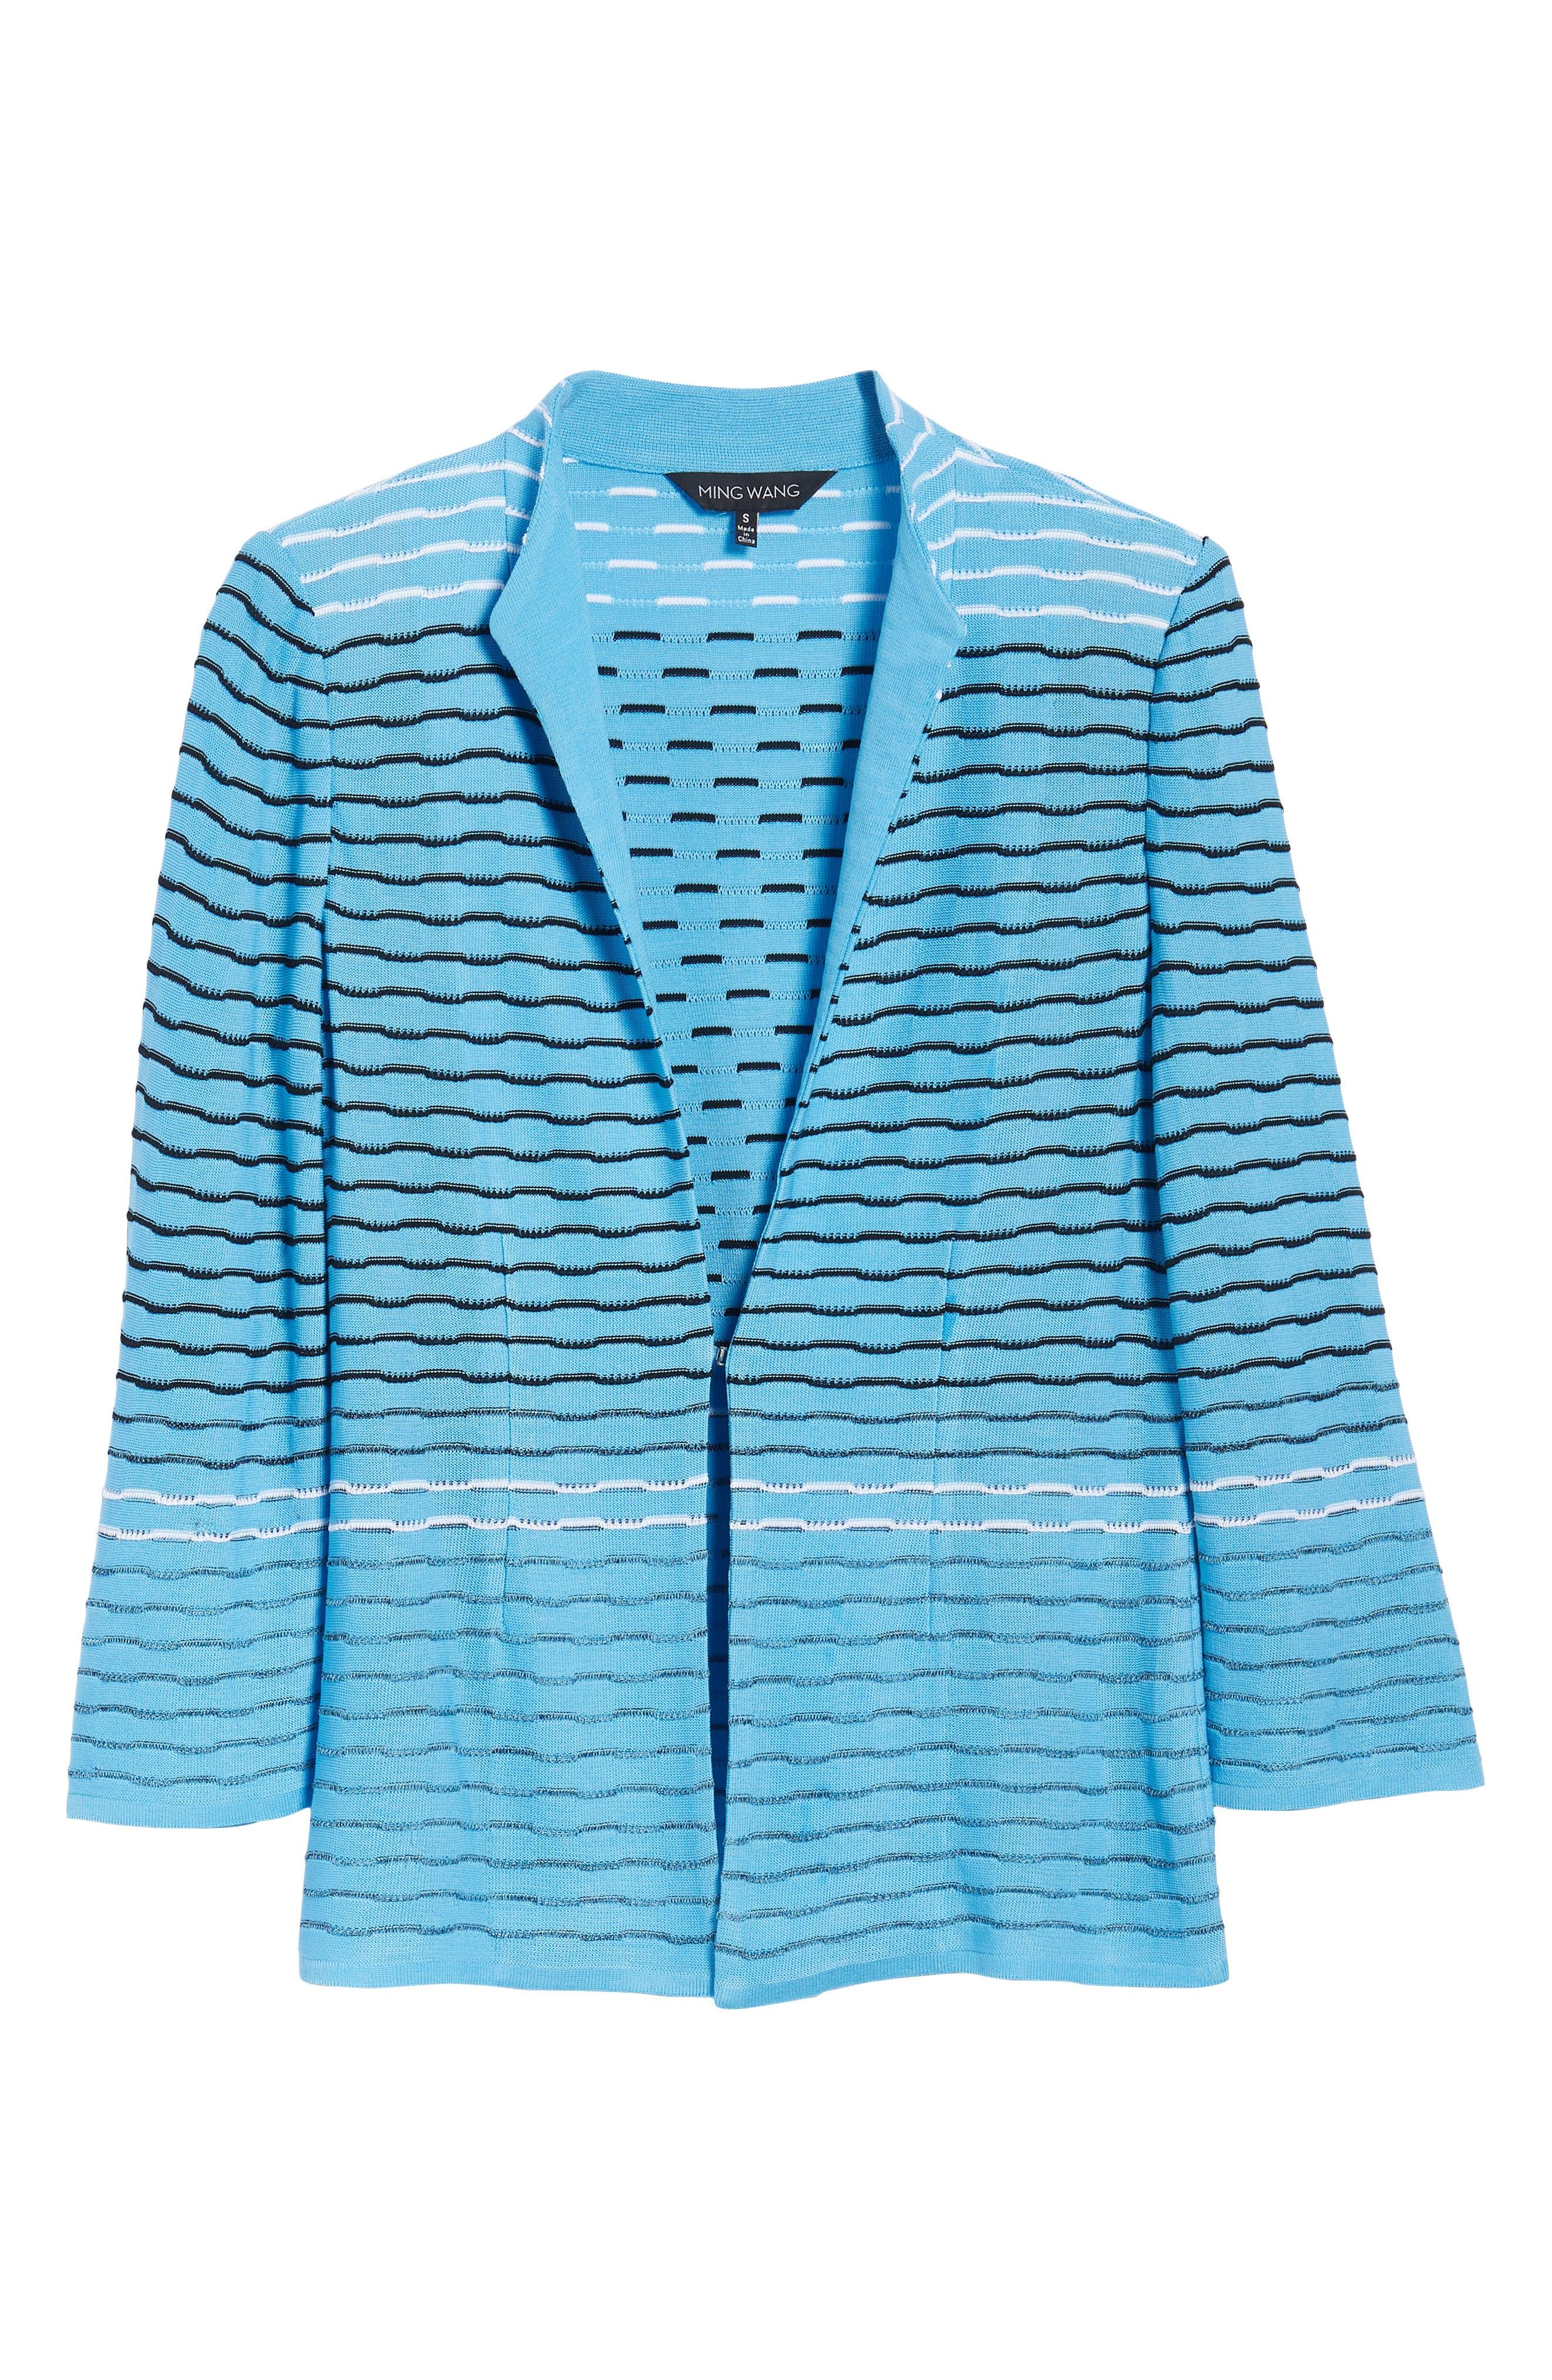 Jacquard Knit Jacket,                             Alternate thumbnail 6, color,                             Bluebonnet/ Black/ White